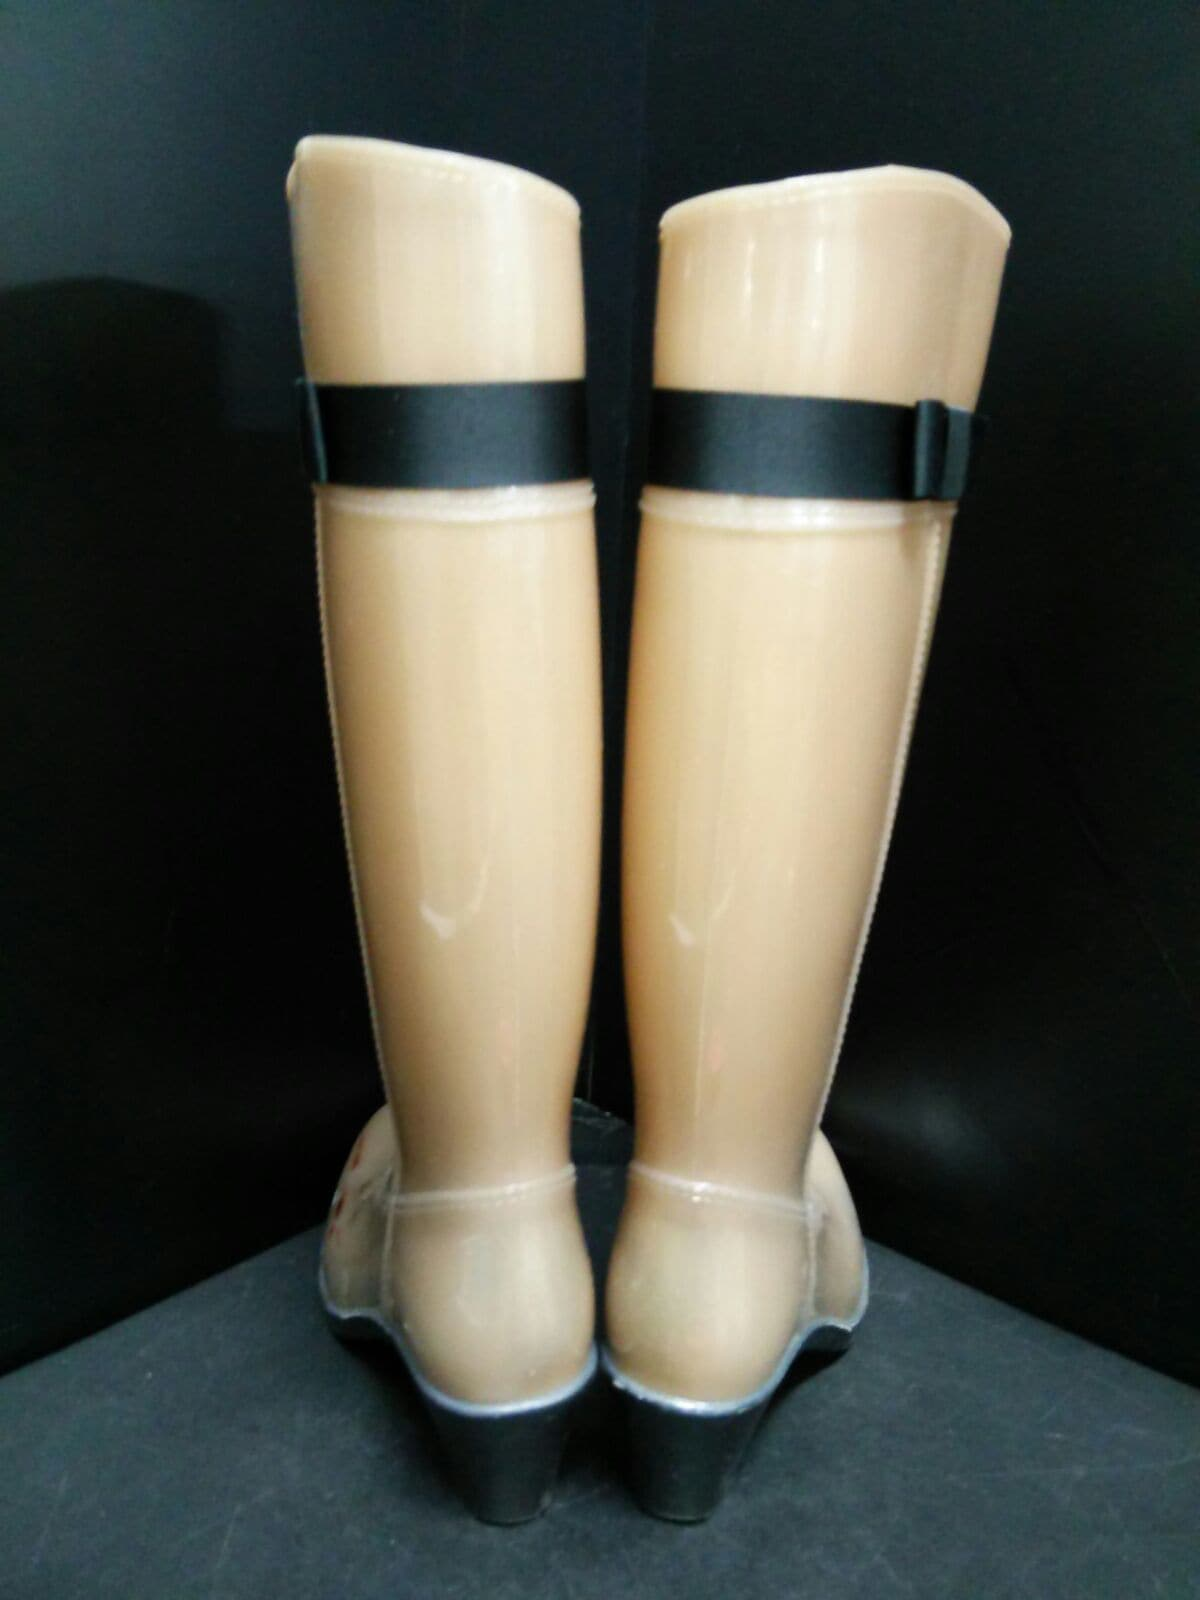 BLEUET(ブルエ)のブーツ